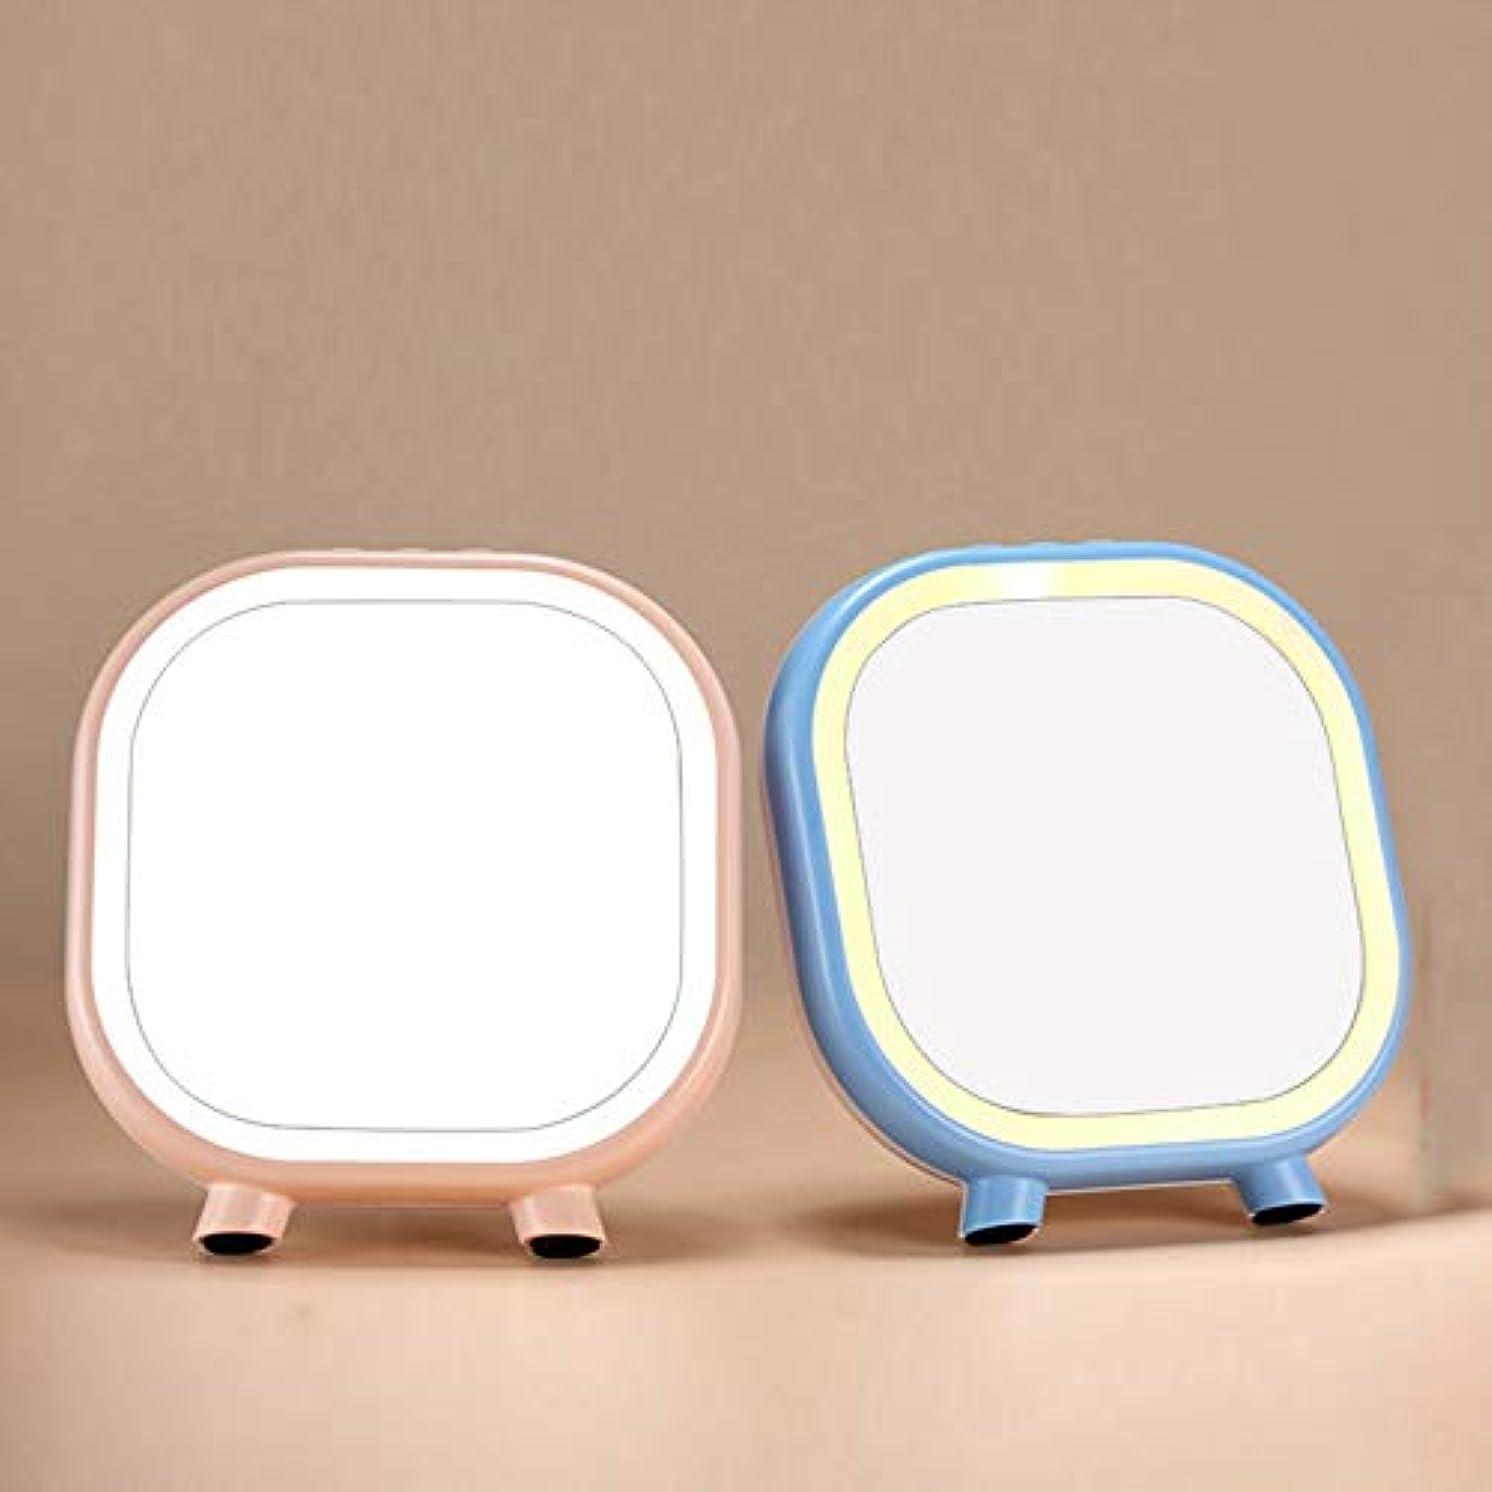 計算承認債権者流行の クリエイティブ新しいLED照明ブルートゥーススピーカー美容ミラー化粧鏡化粧鏡ABS材料2ブルーブルー (色 : Blue)